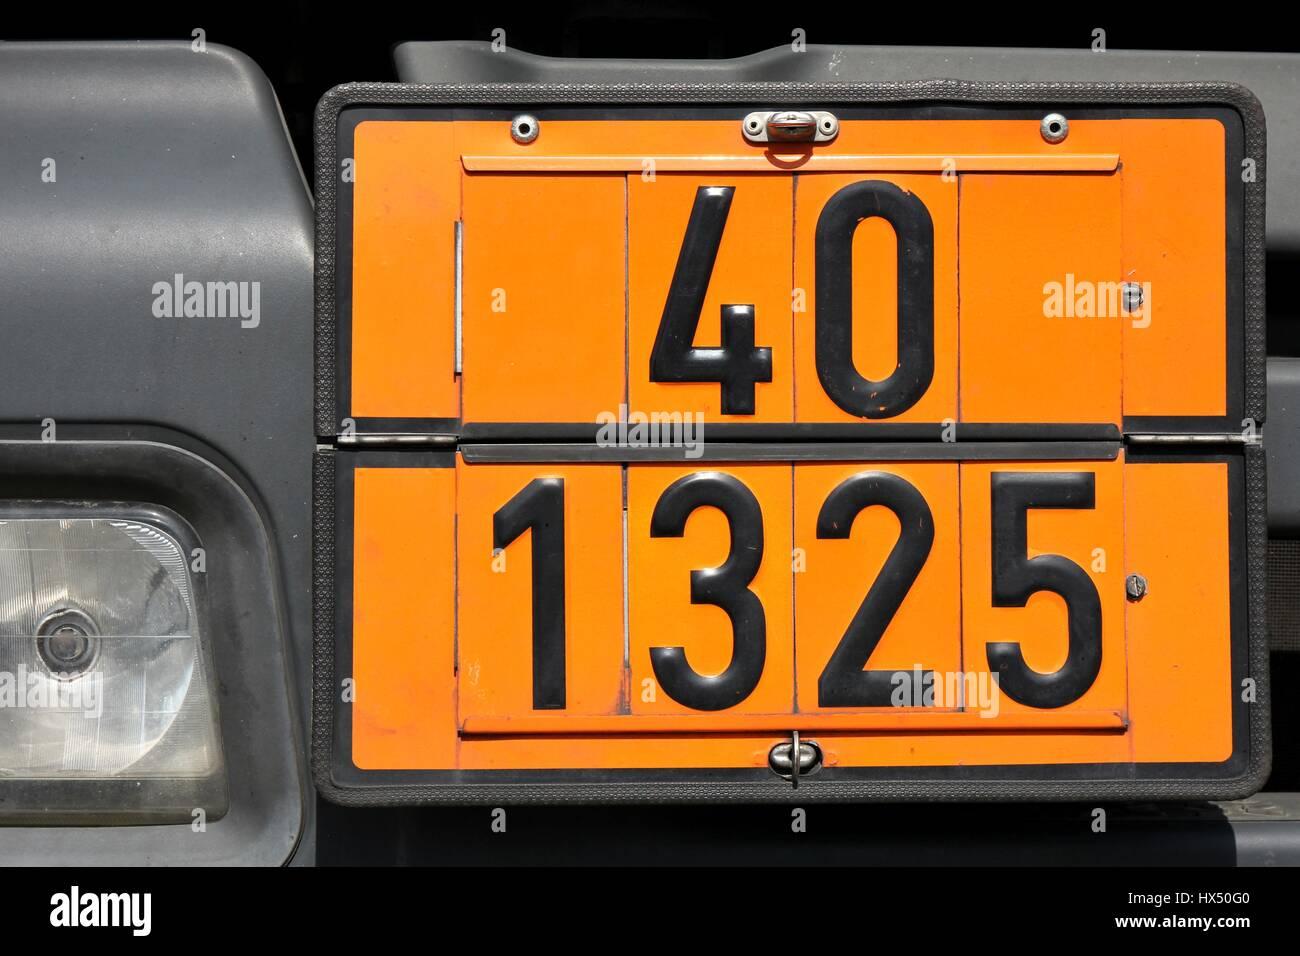 Orange Farbige Teller Mit Gefahr Id Nummer 40 Und Un Nummer 1325